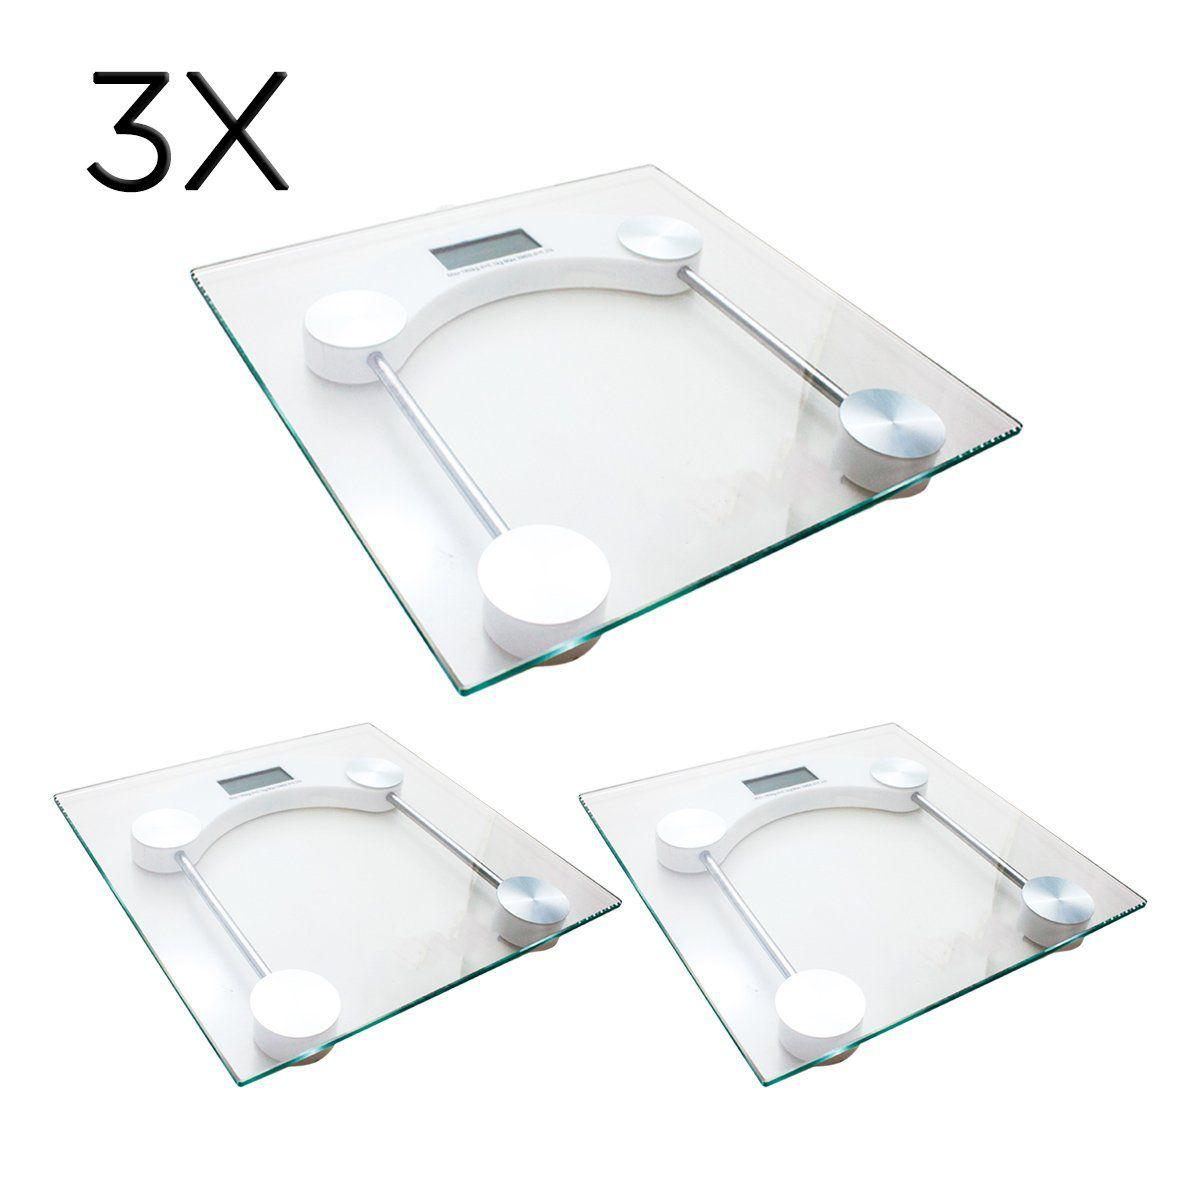 3x Balança Digital Quadrada Vidro Temperado Banheiro Academias